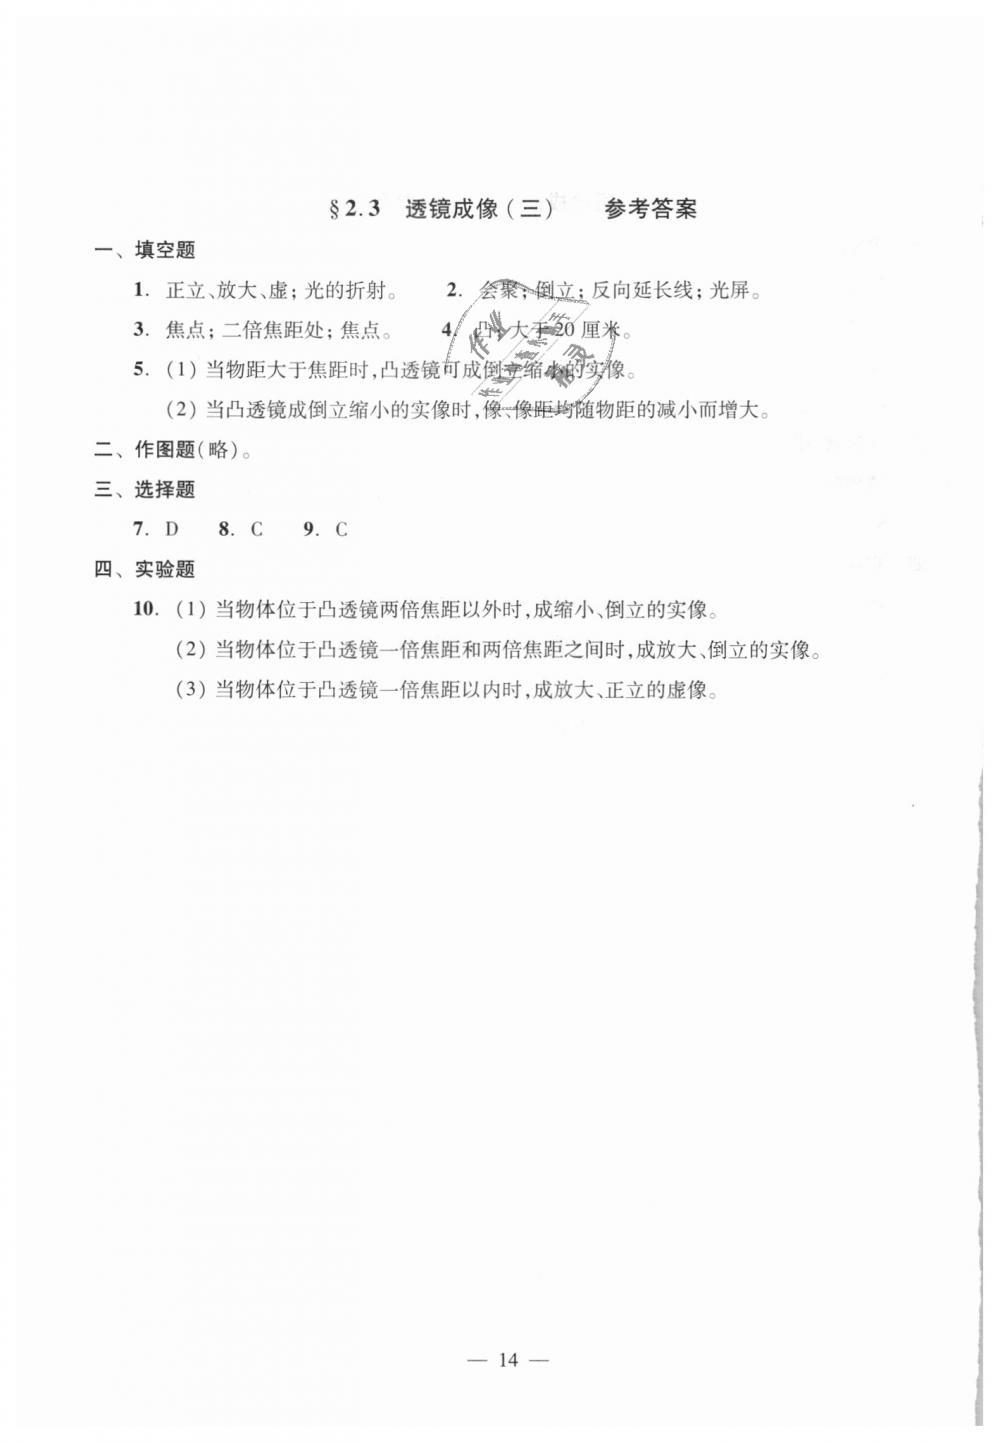 2018年初中物理双基过关堂堂练八年级全一册沪教版第14页